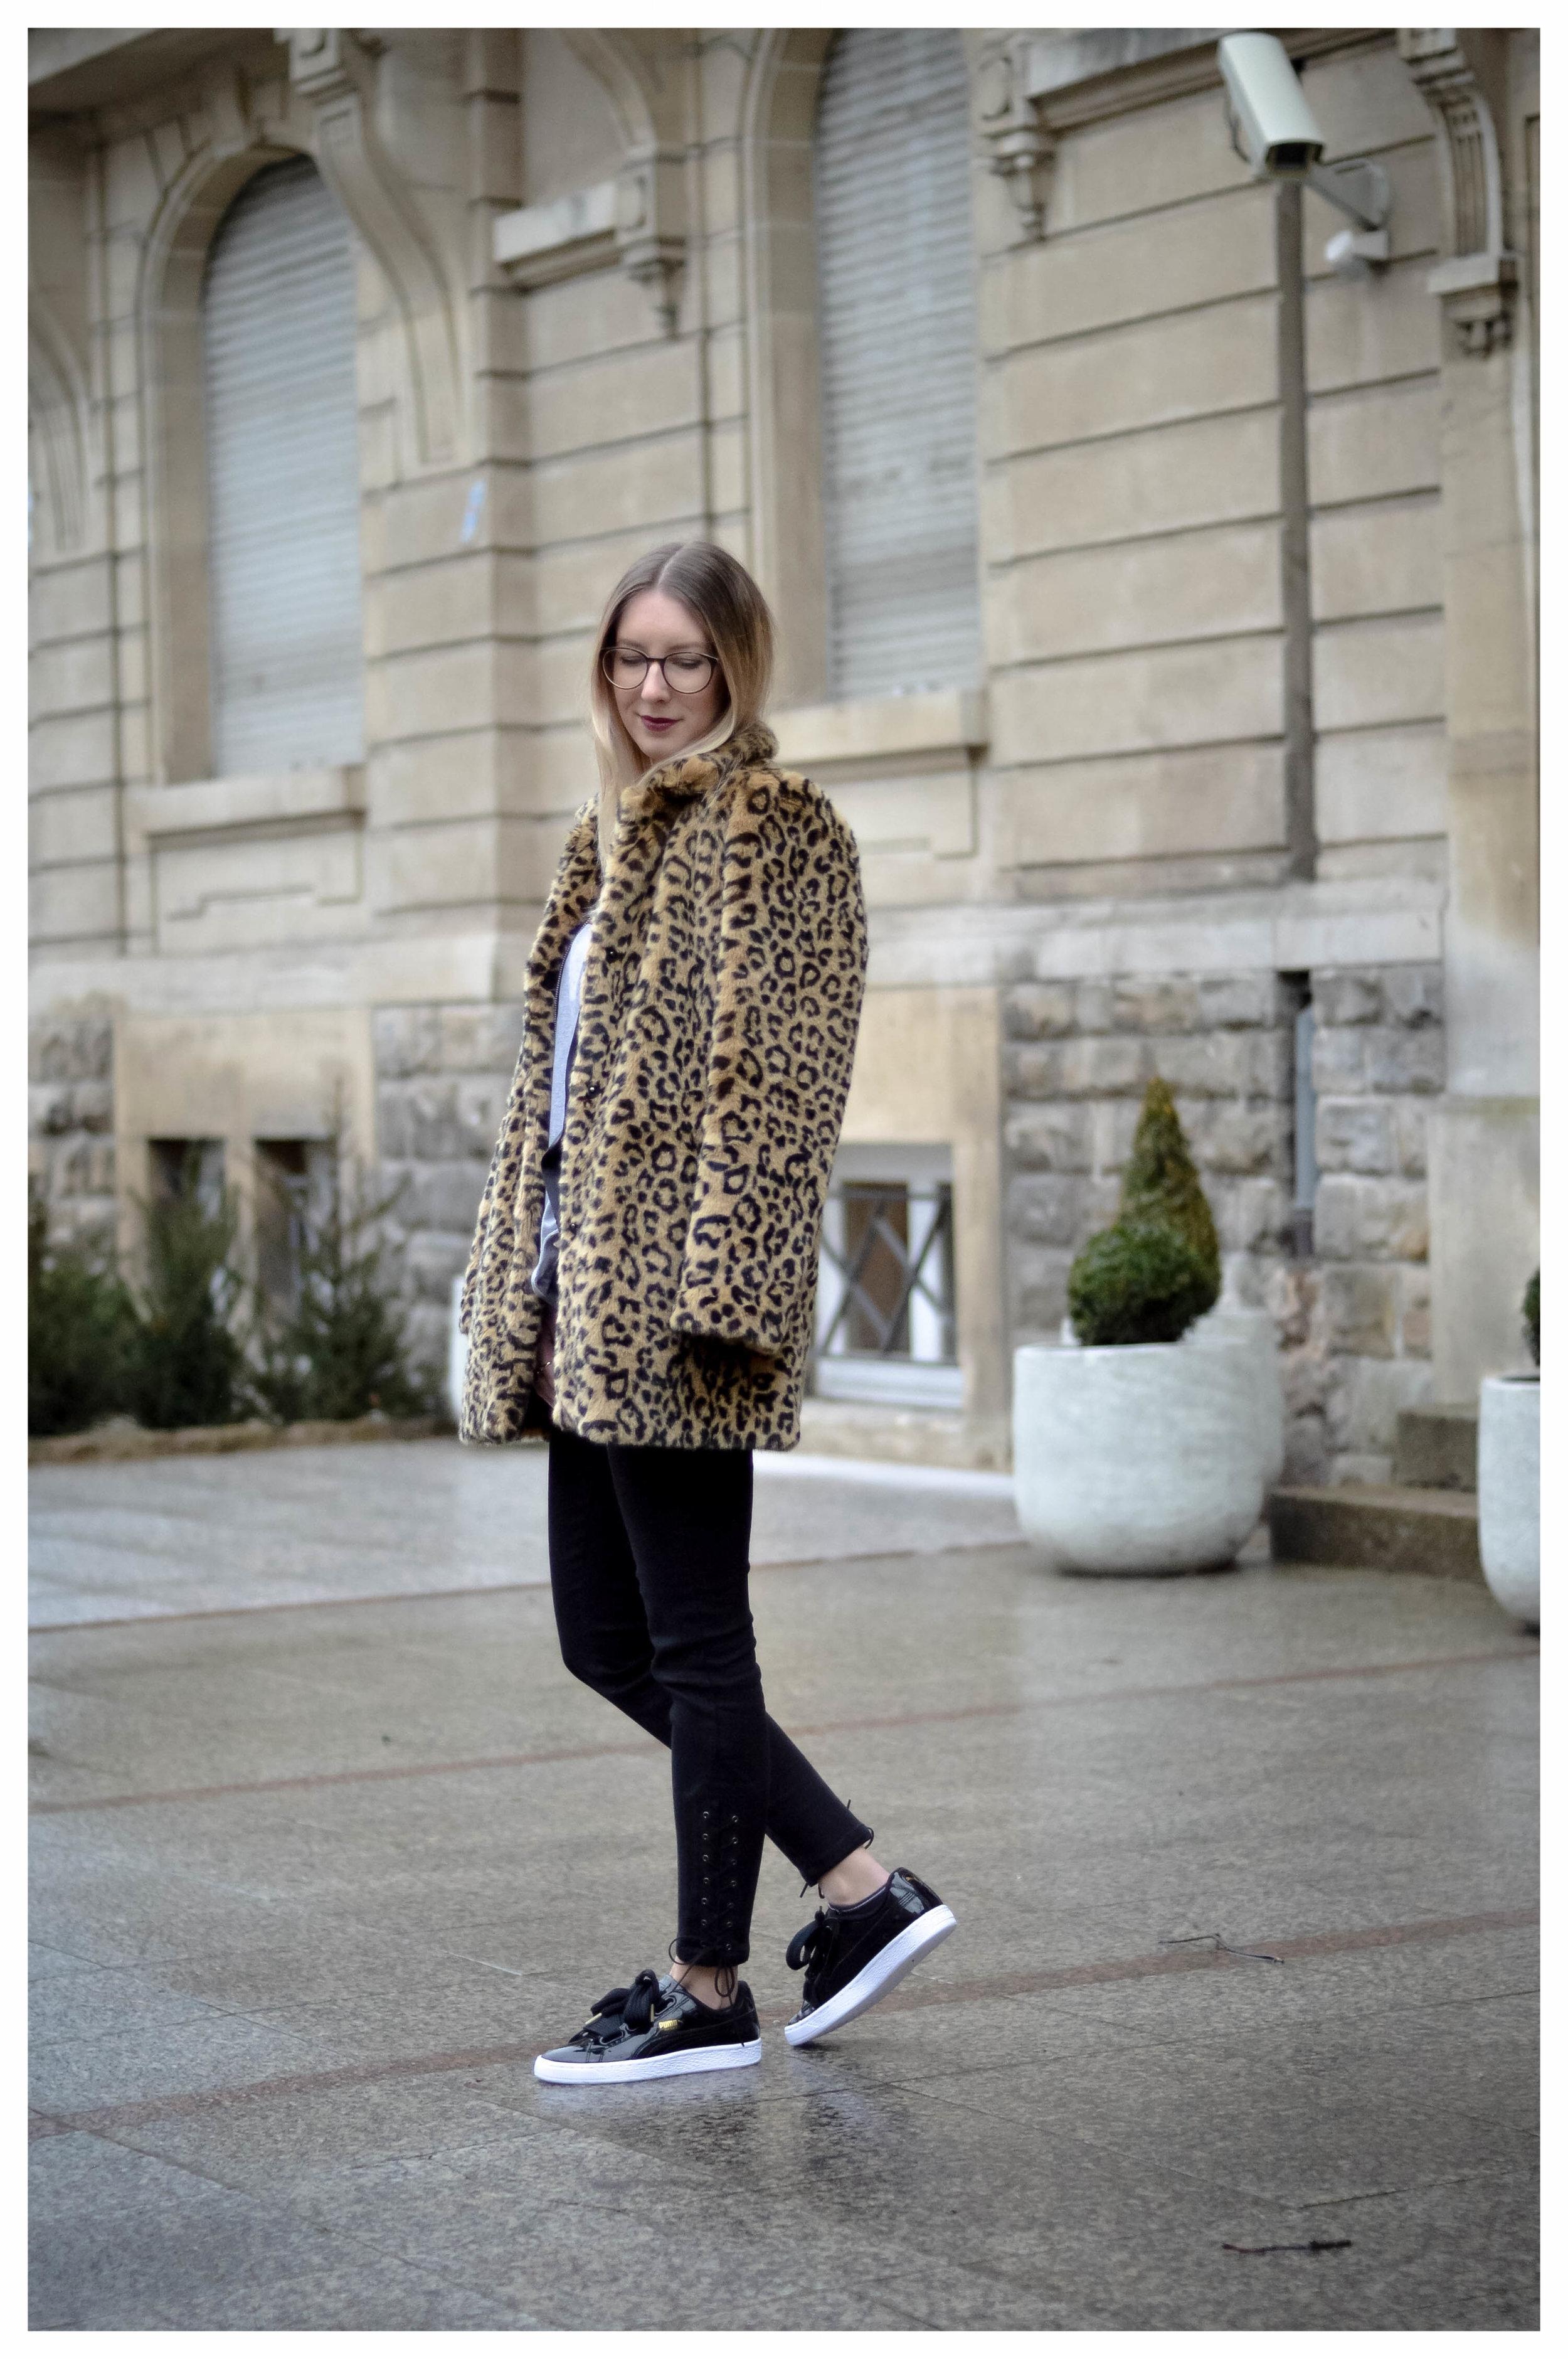 Leopard Jacket Lux - OSIARAH.COM (29 sur 38).jpg